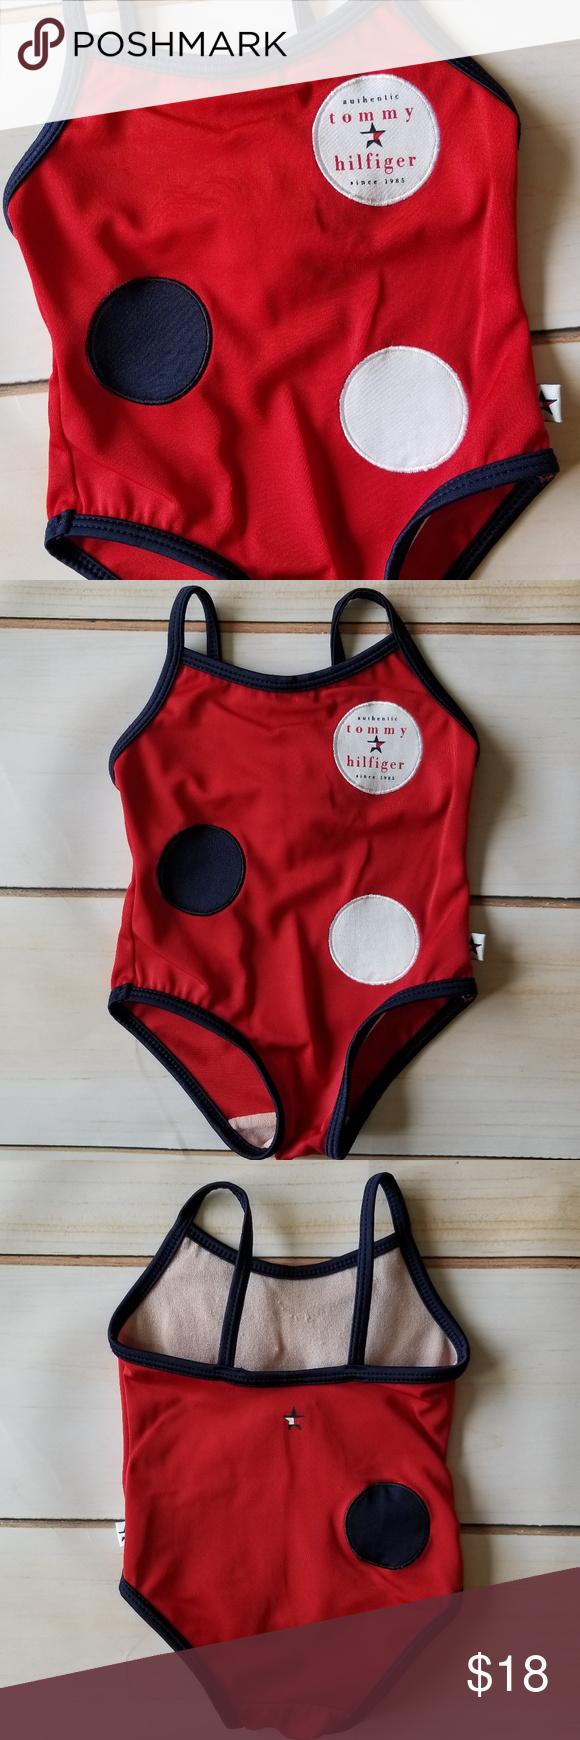 a048530d1 Tommy Hilfiger VTG Polka Dot Baby Girl Swimsuit EUC for age (Vintage 2000)!